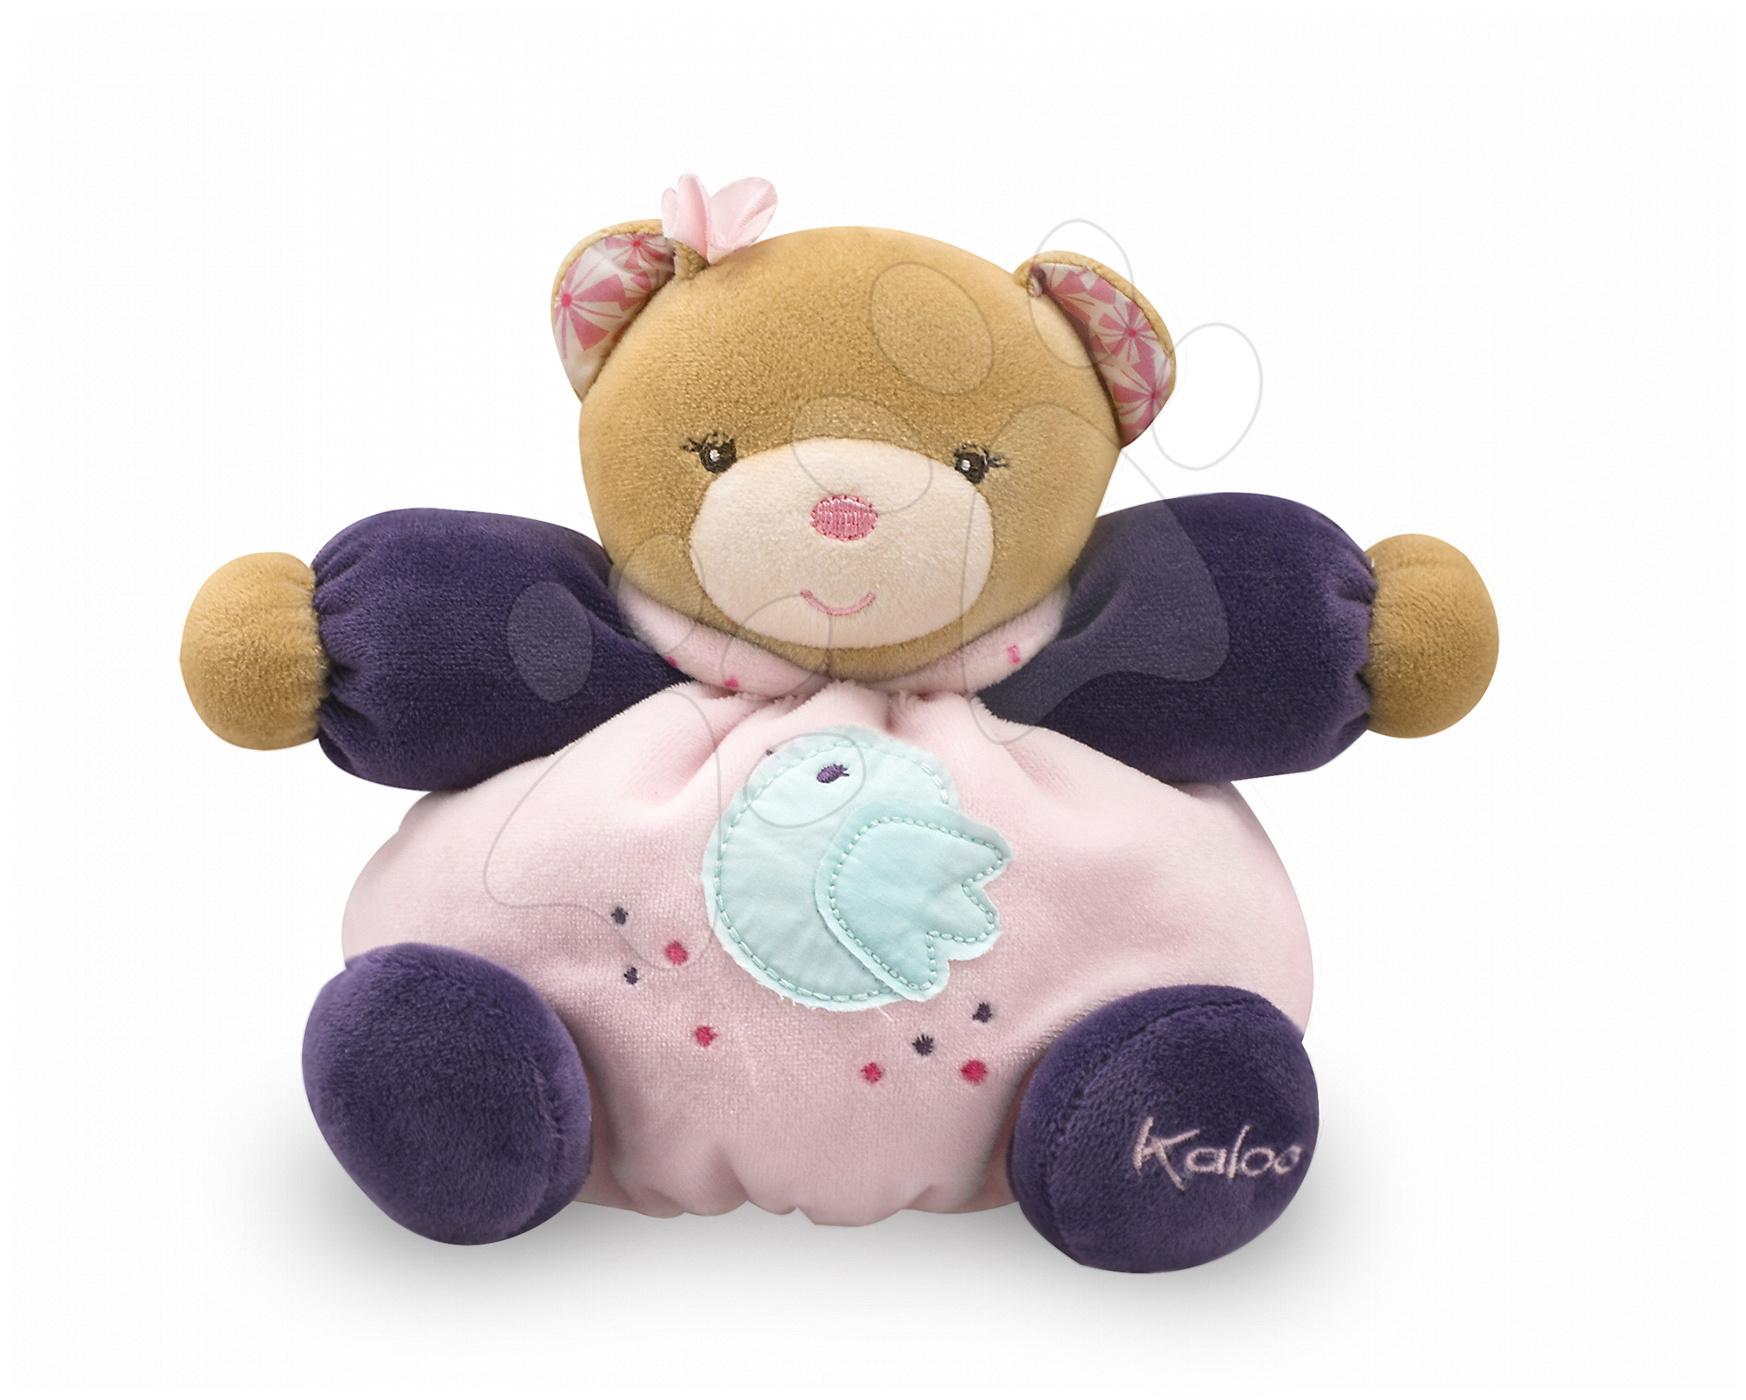 Plyšové medvede - Plyšový medvedík Petite Rose-Friendly Chubby Bear Kaloo 18 cm v darčekovom balení pre najmenších ružový